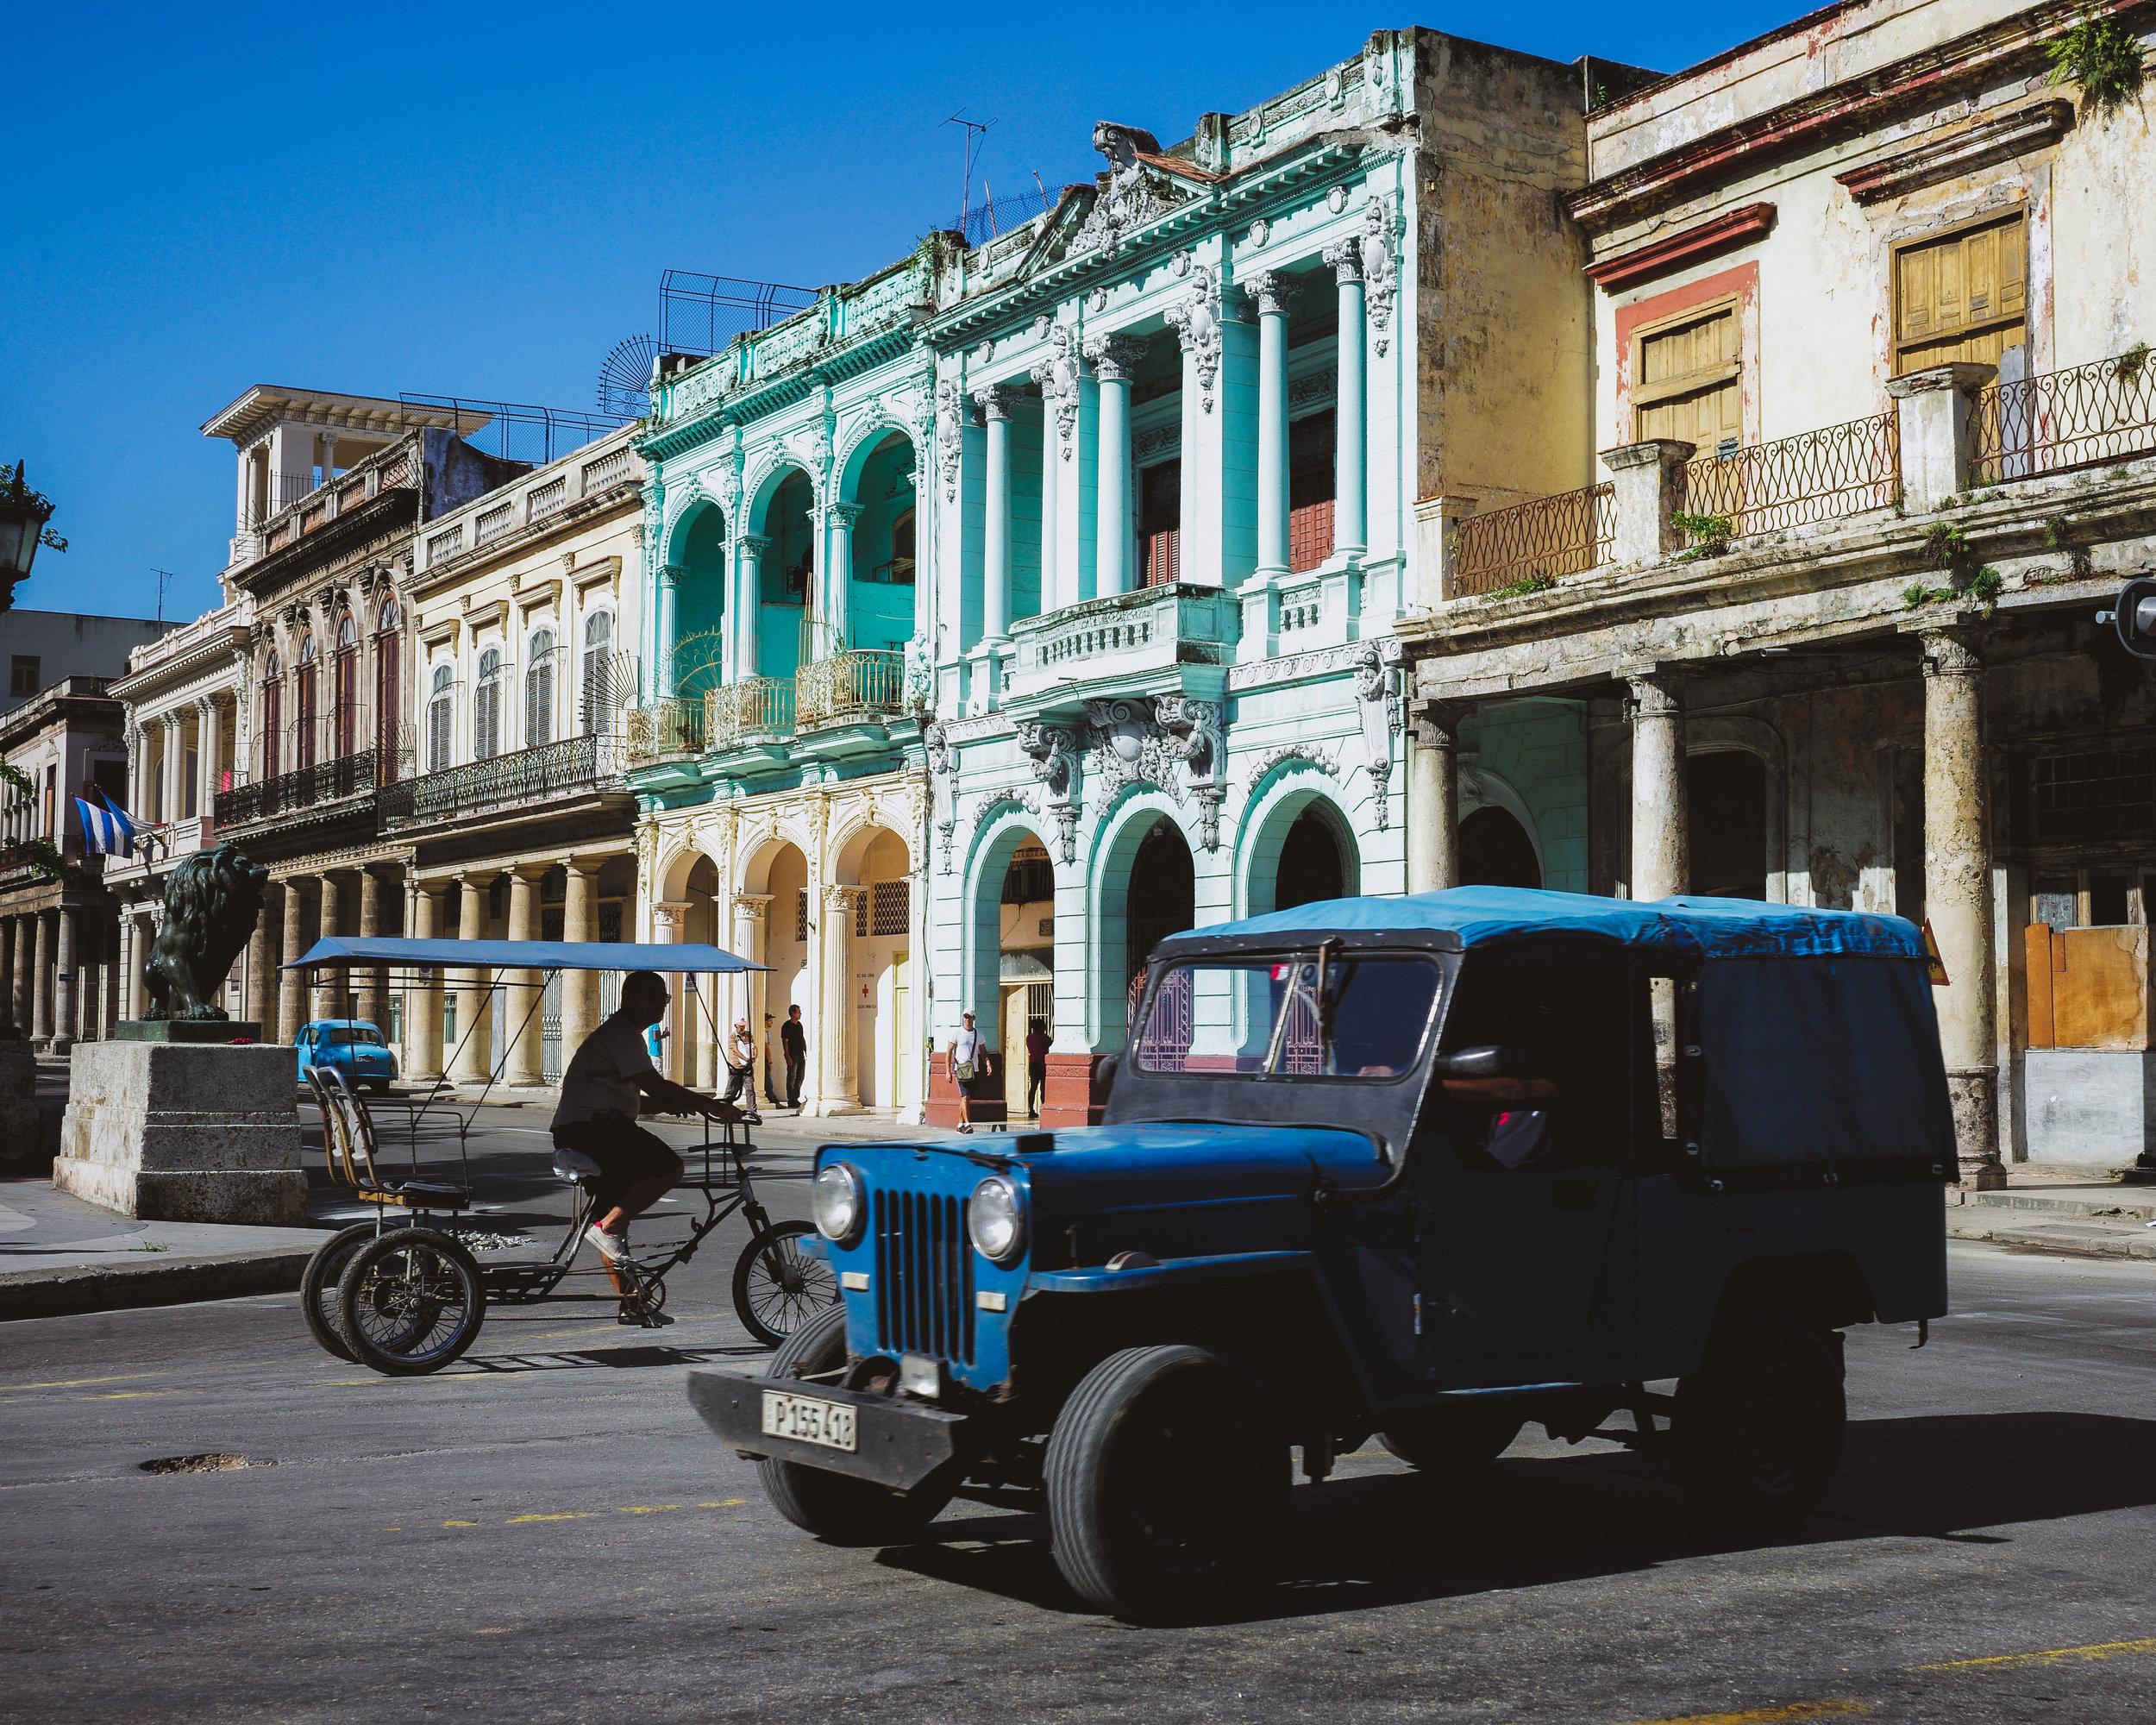 PauloLopez-Cuba-14.jpg